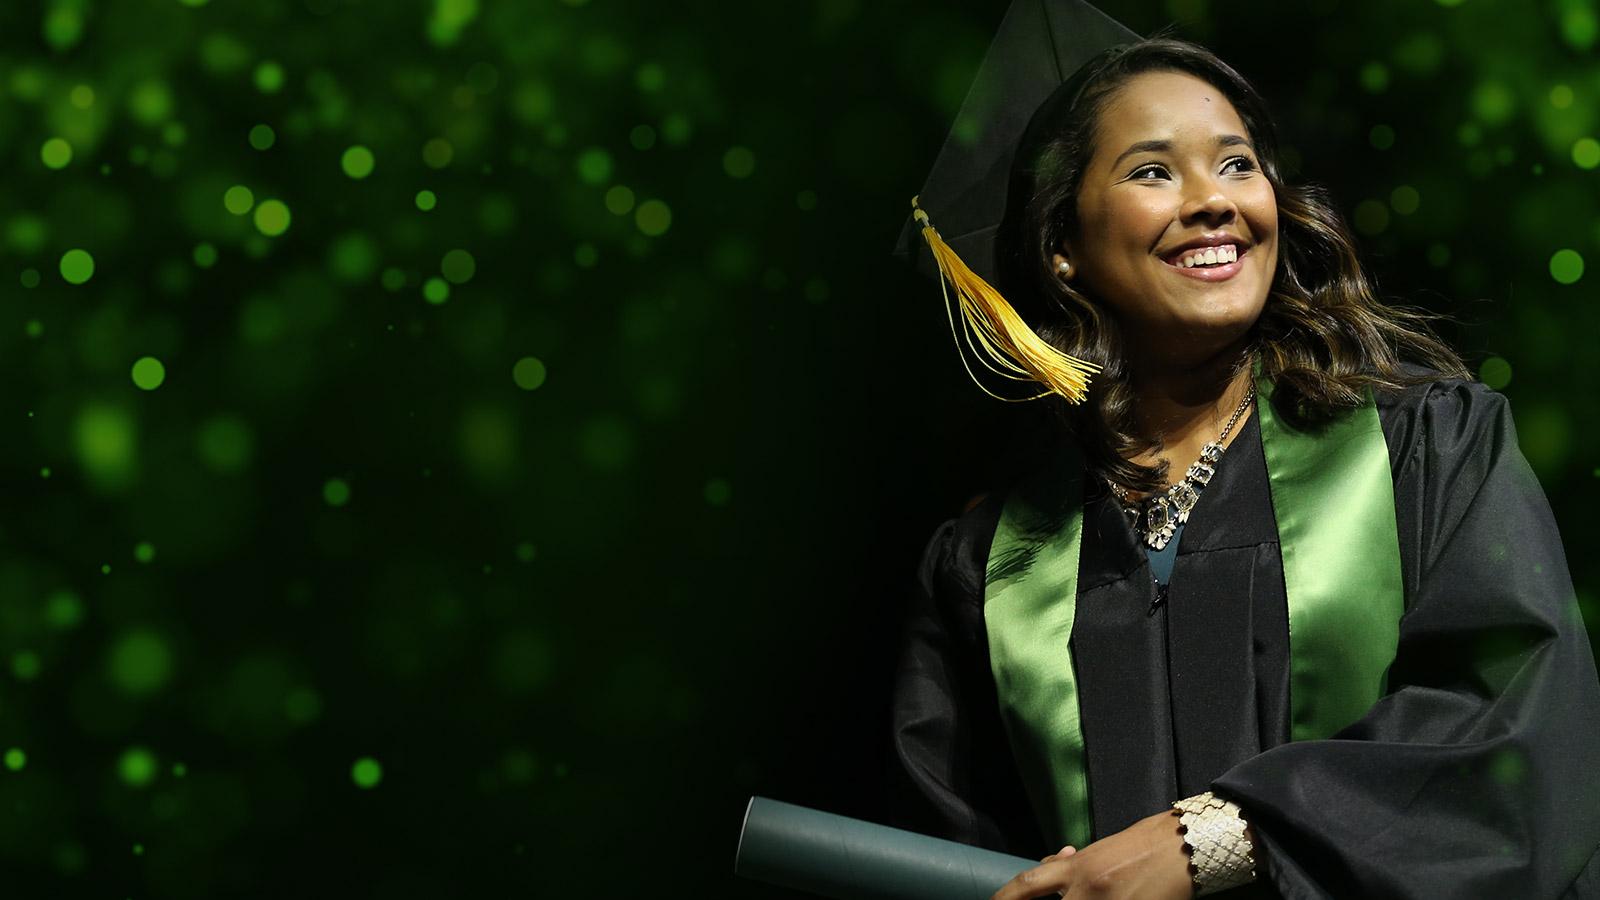 Sic 'em 2019 Baylor Graduates!